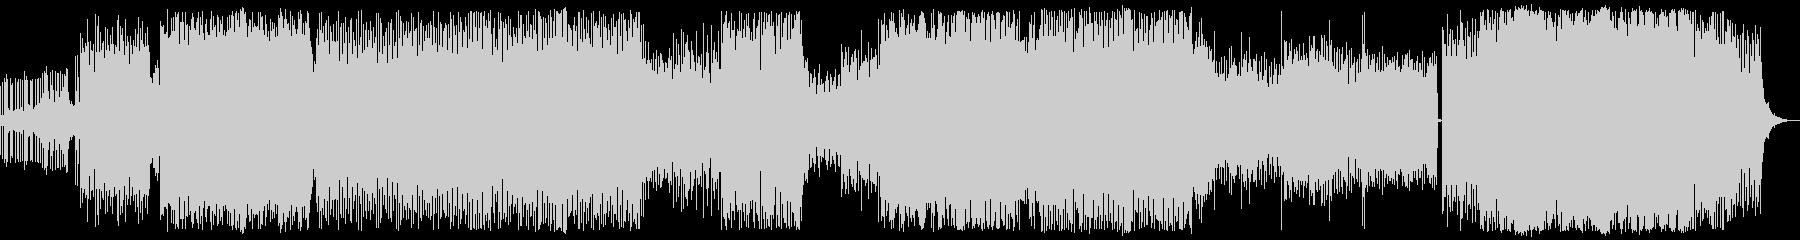 90年代風のエレクトロの未再生の波形